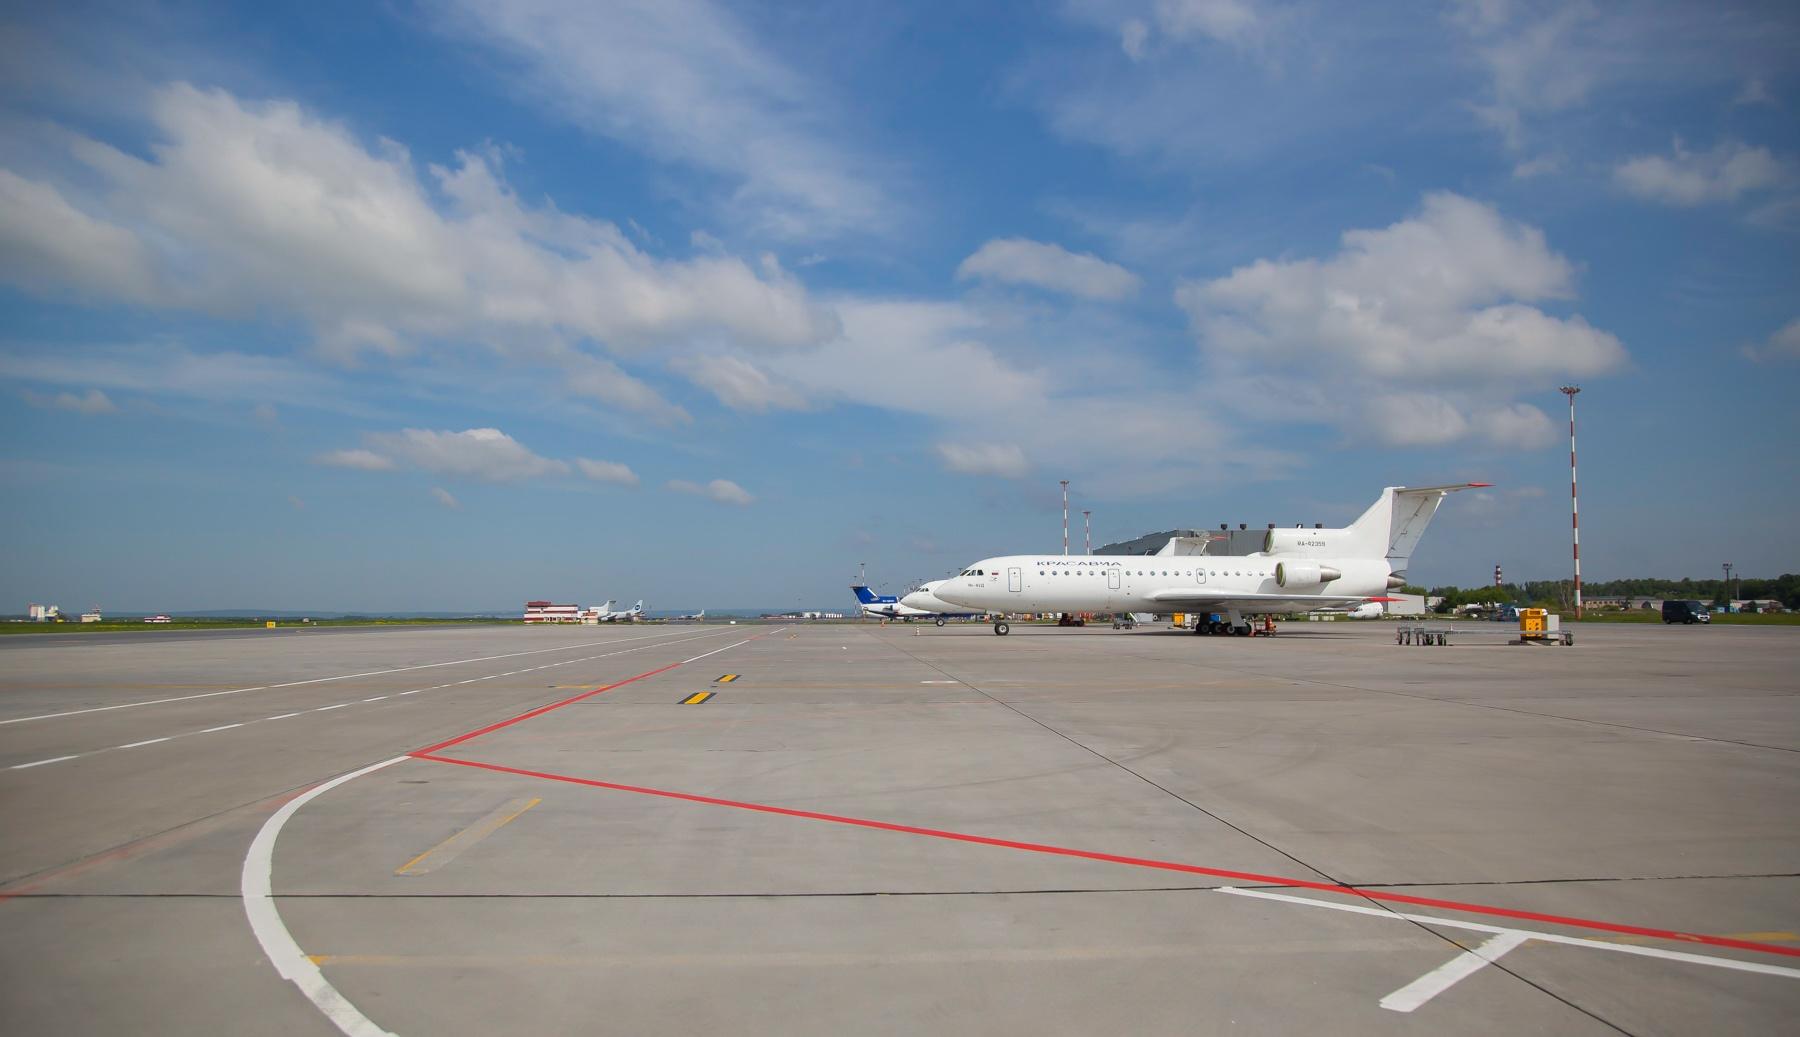 Во время ШОС на этой стоянке размещали самолёты руководителей первого звена: индийский, китайский, из Казахстана и Белоруссии